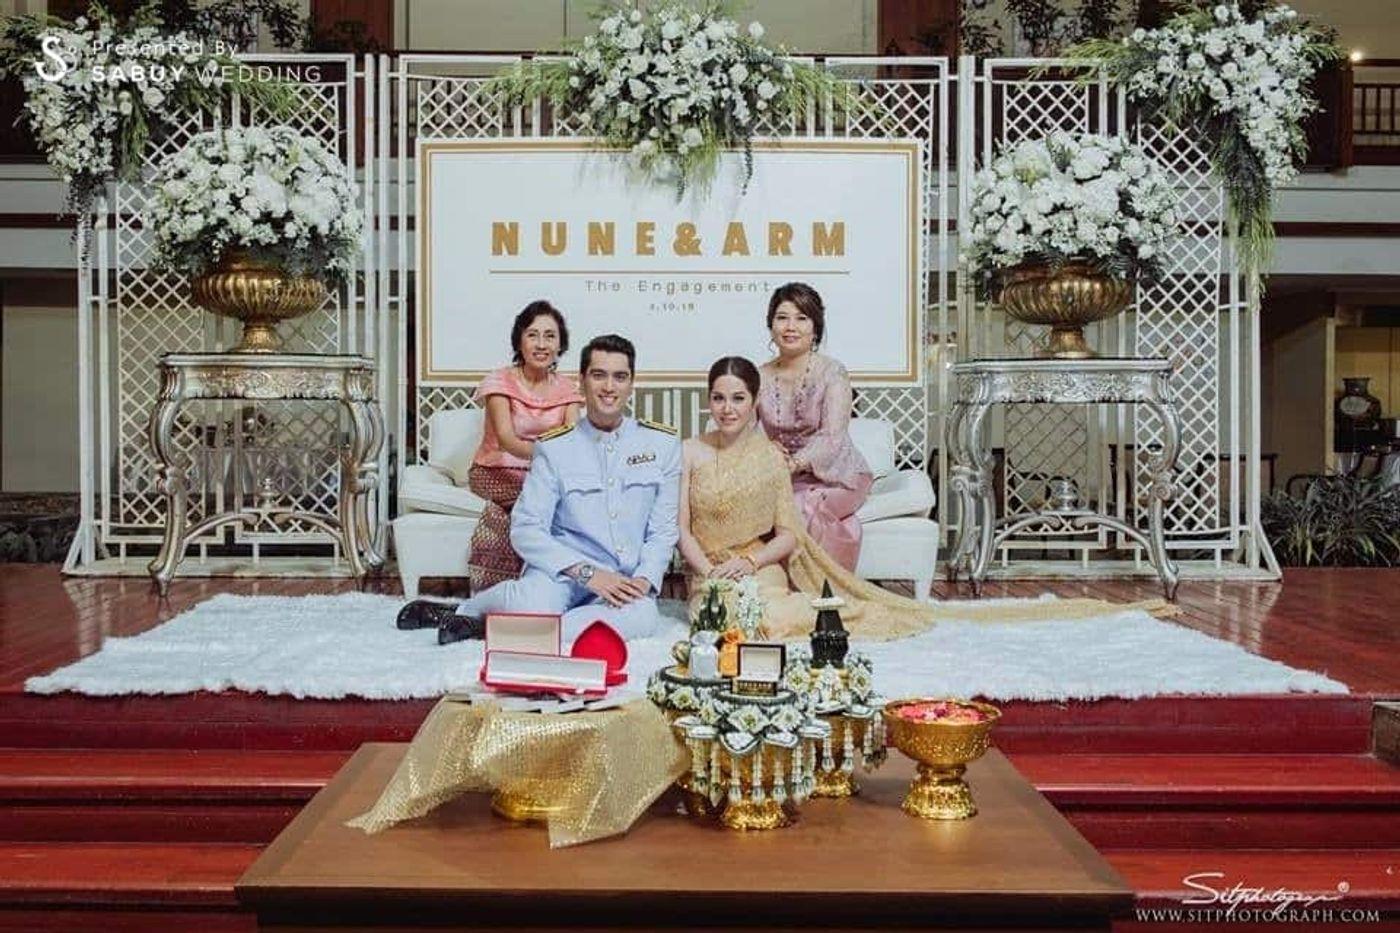 งานหมั้น,ชุดหมั้น,พิธีหมั้น,ครอบครัวบ่าวสาว,สินสอด,จัดดอกไม้งานแต่ง,backdrop งานแต่ง,ตกแต่งงานแต่ง รีวิวงานแต่ง สวยเด่นไม่เน้นดอกไม้ พร้อมแบ็คดรอปเก๋ไก๋ จากไอเดียในการ์ด @Swissotel Nai Lert Park